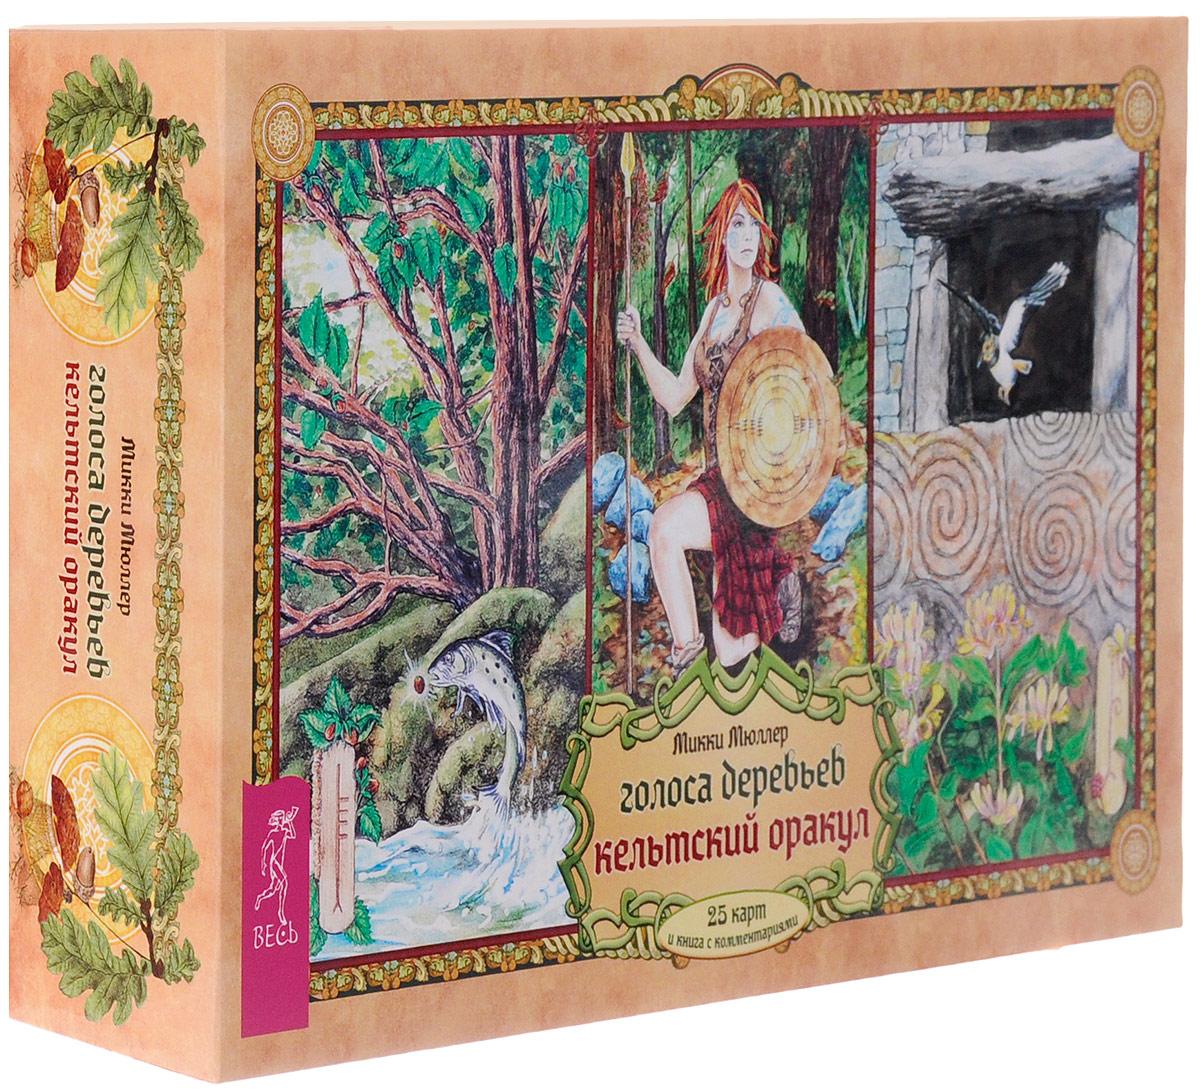 Голоса деревьев. Кельтский оракул (+ 25 карт). Микки Мюллер